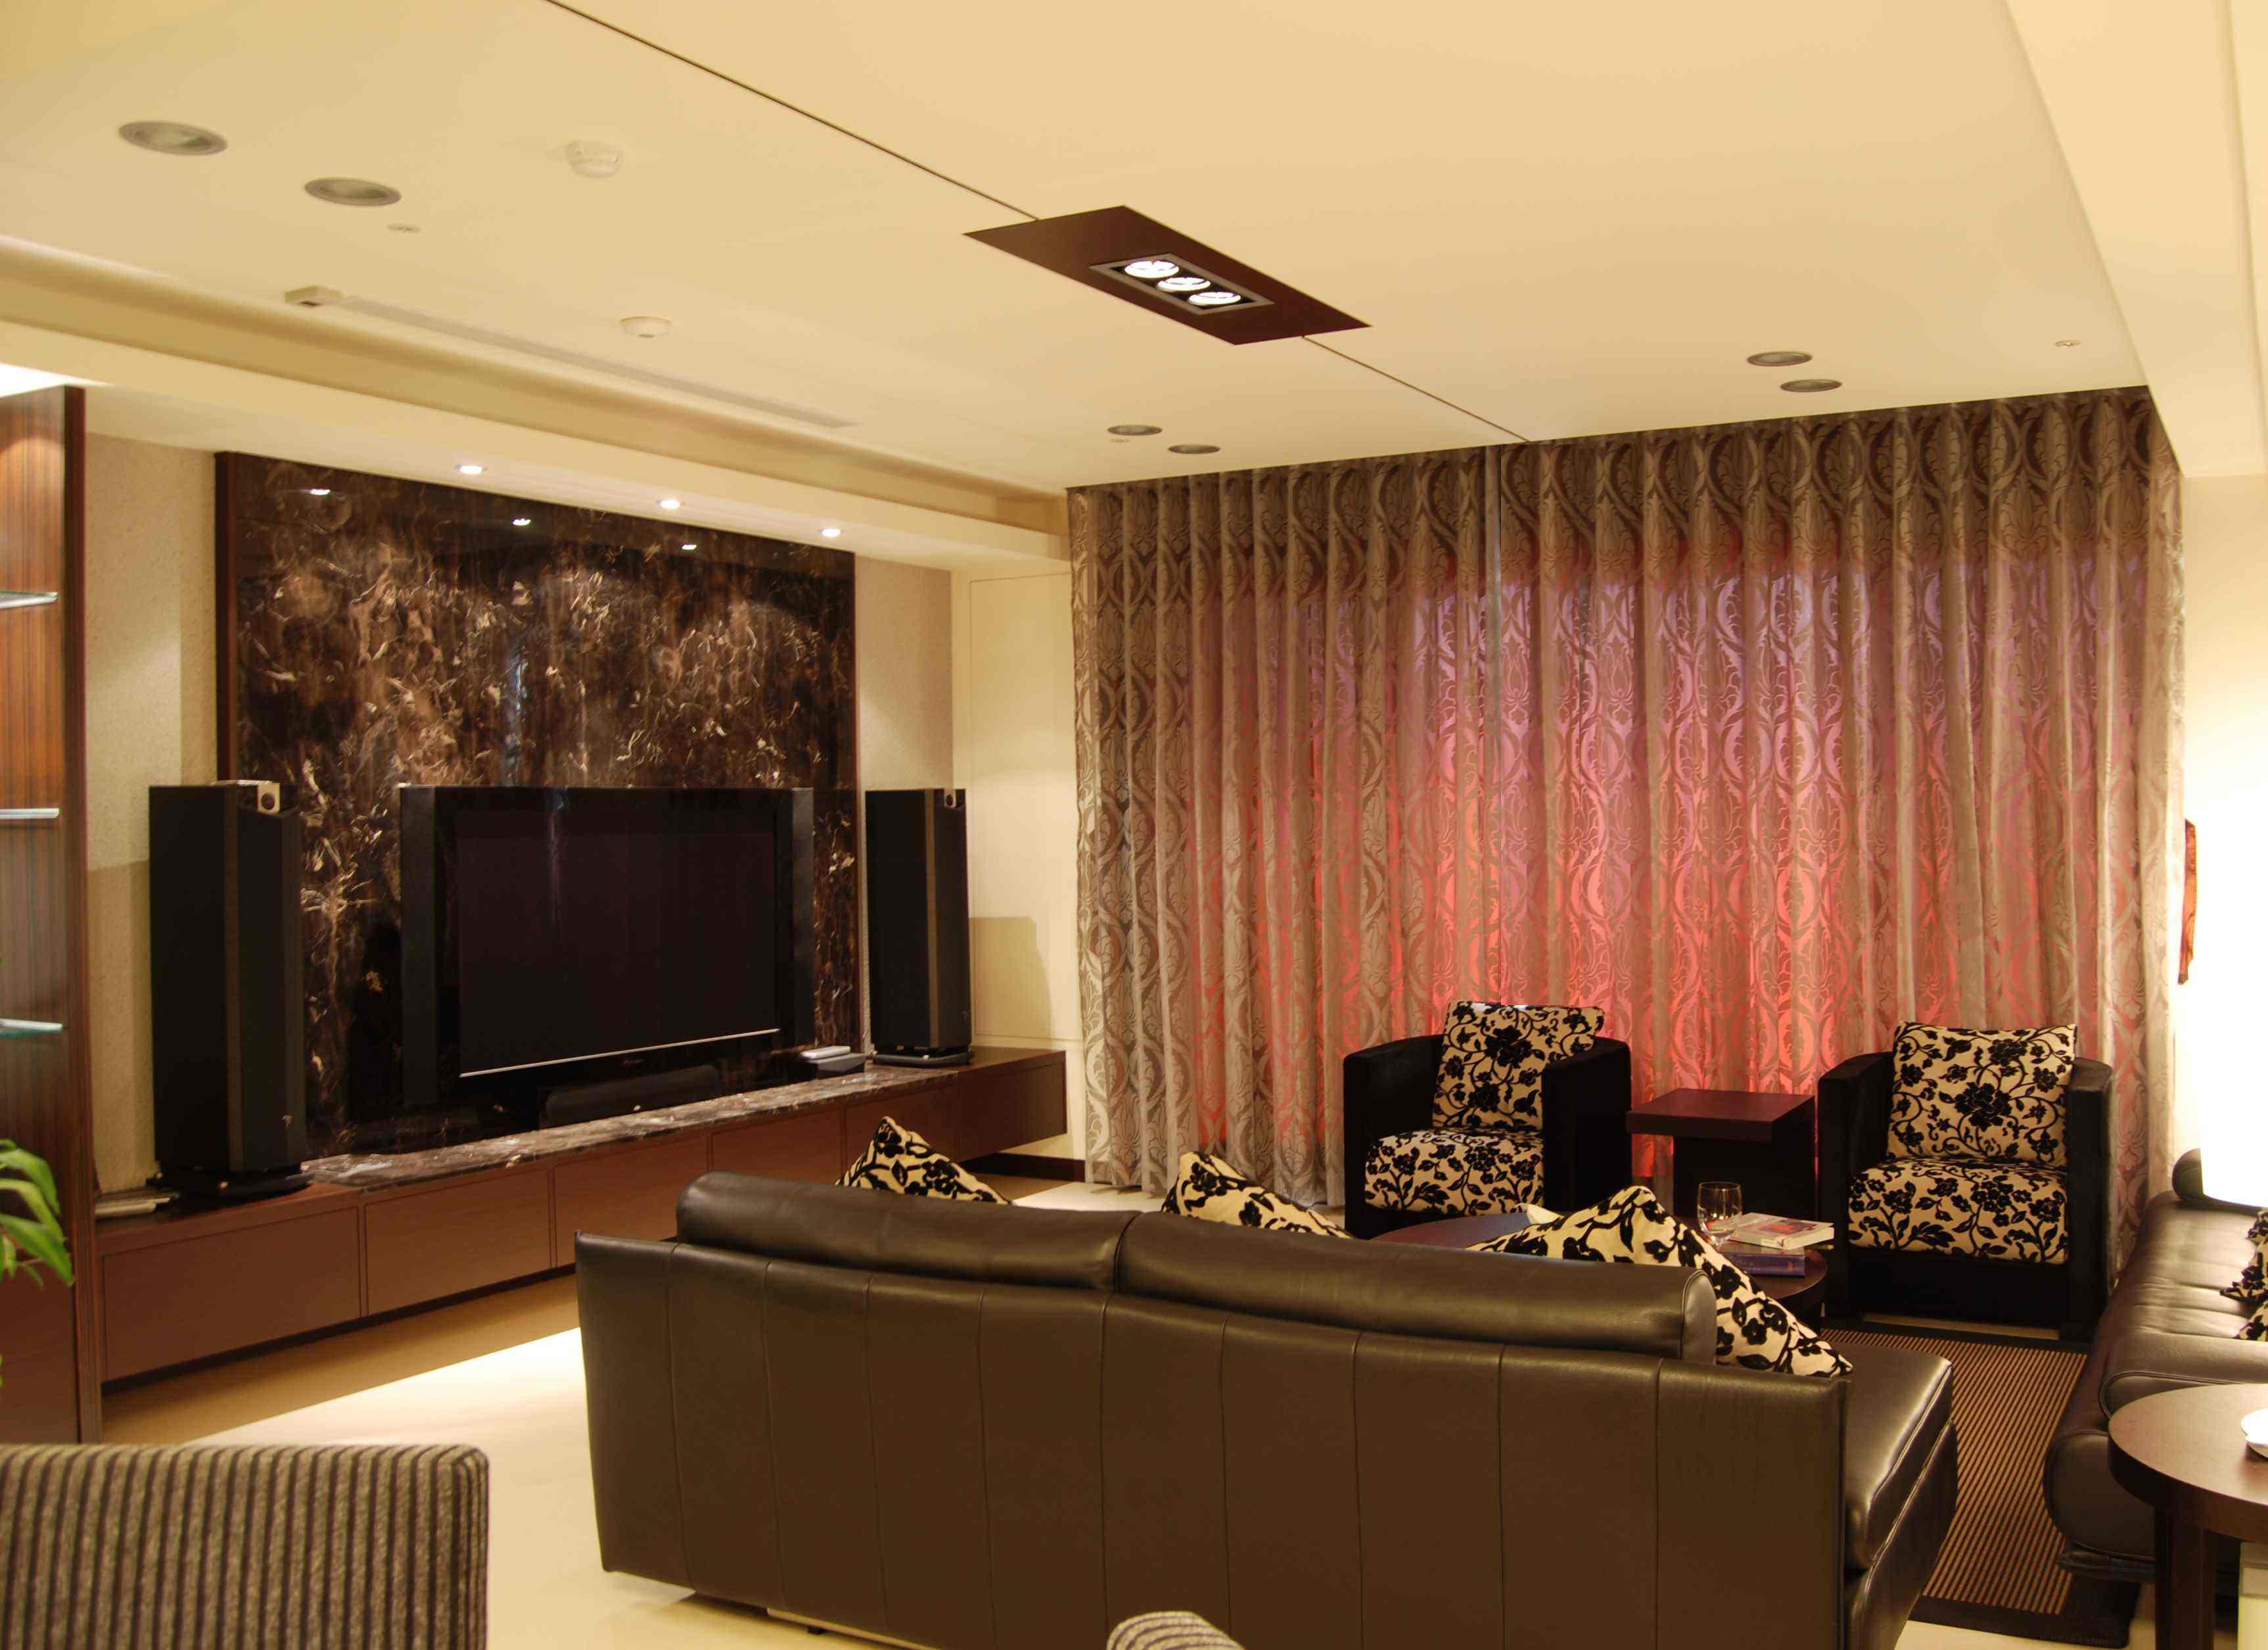 咖啡色中式现代装修风格三室两厅效果图